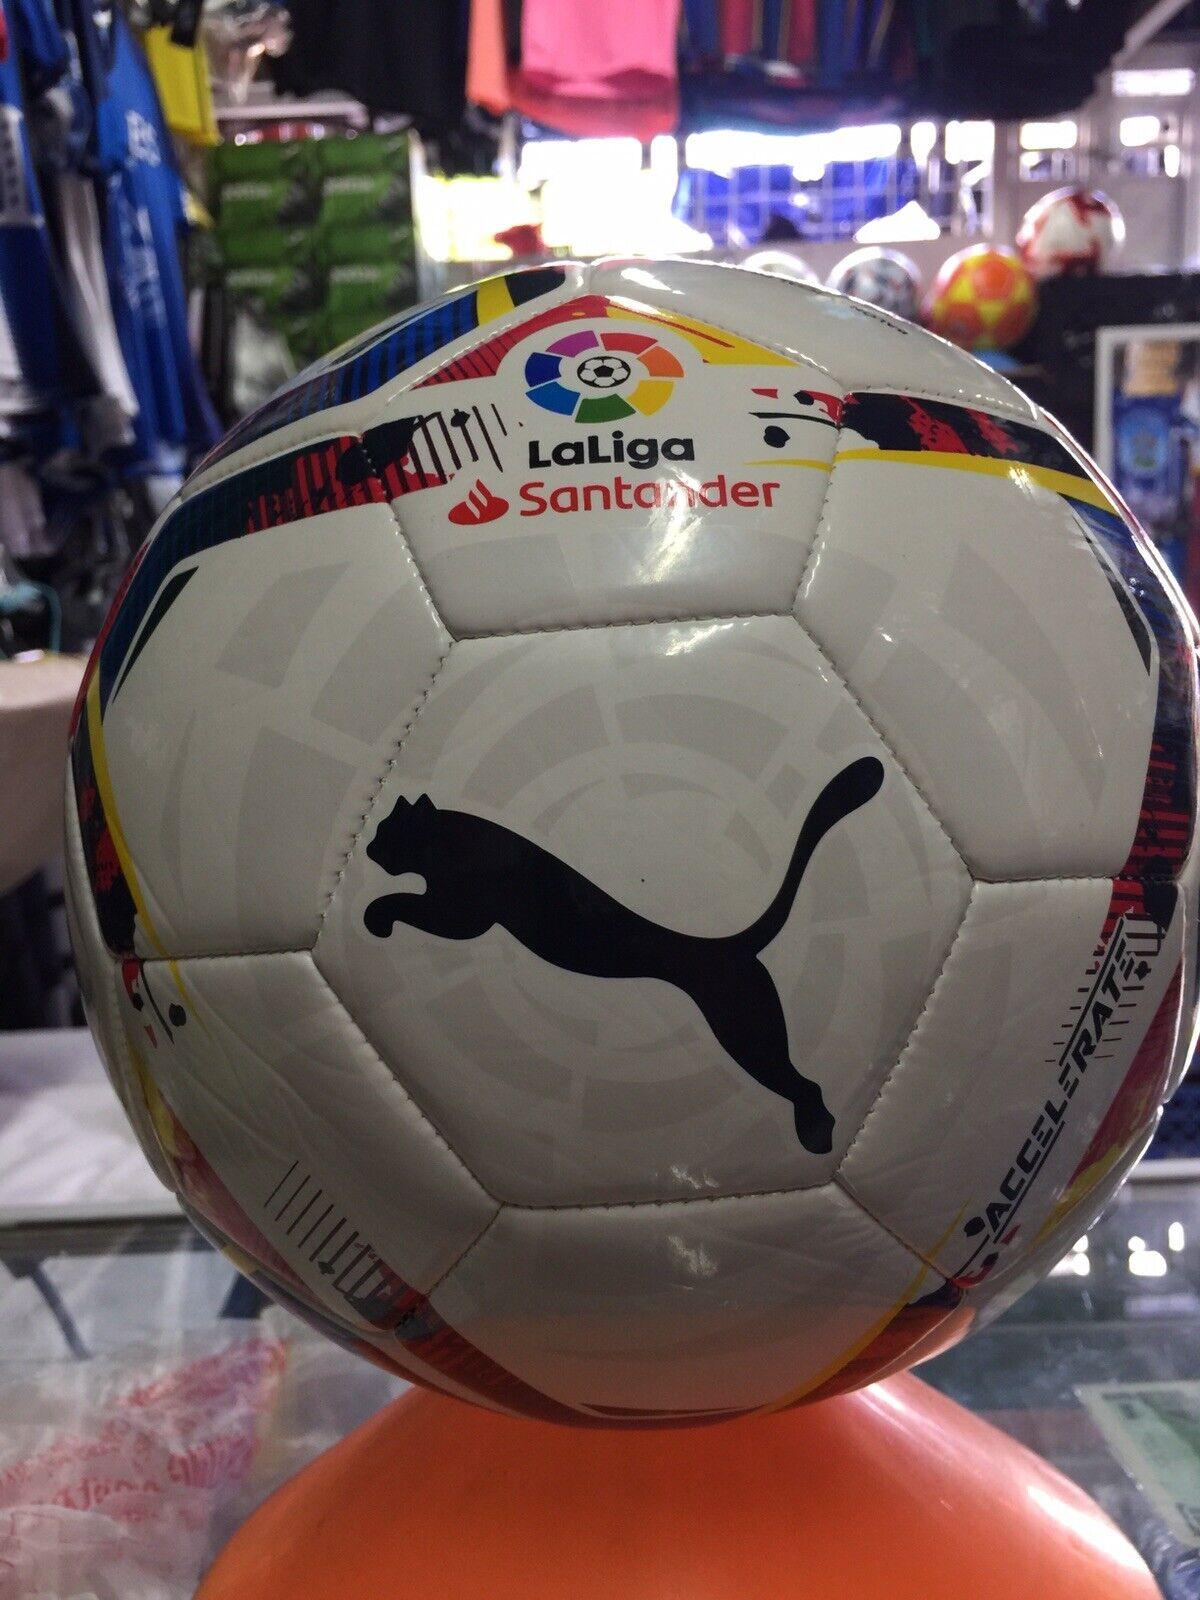 PUMA Accelerate La Liga 1 MS White Multicolor Soccer Training Ball ...